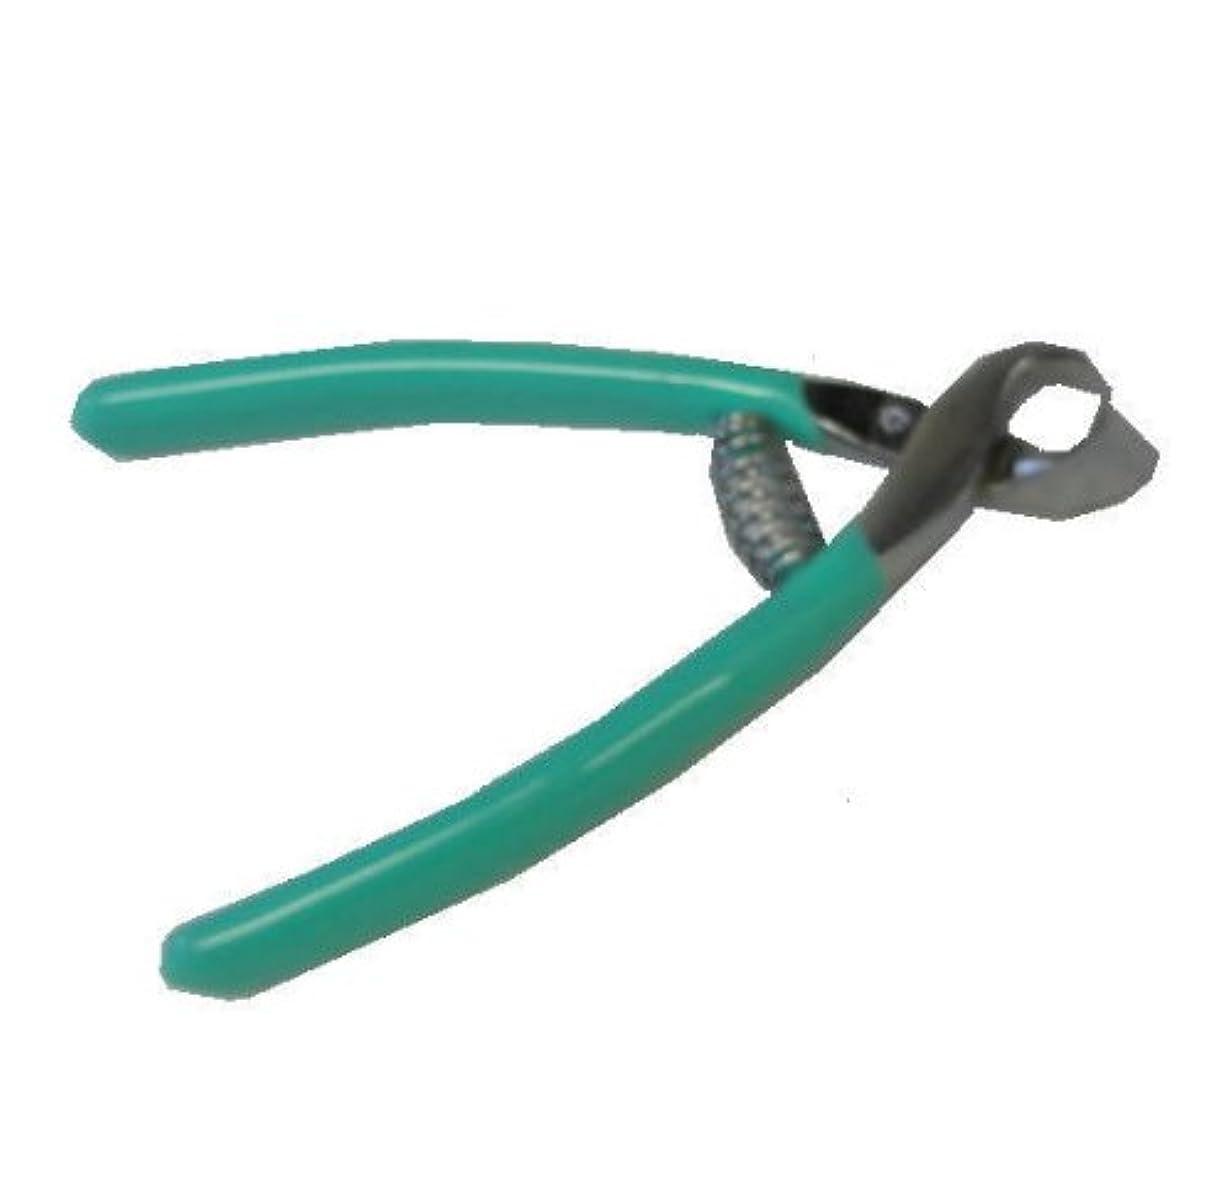 頑丈リップデザートフルサワの介護用爪切り 斜刃 グリーン